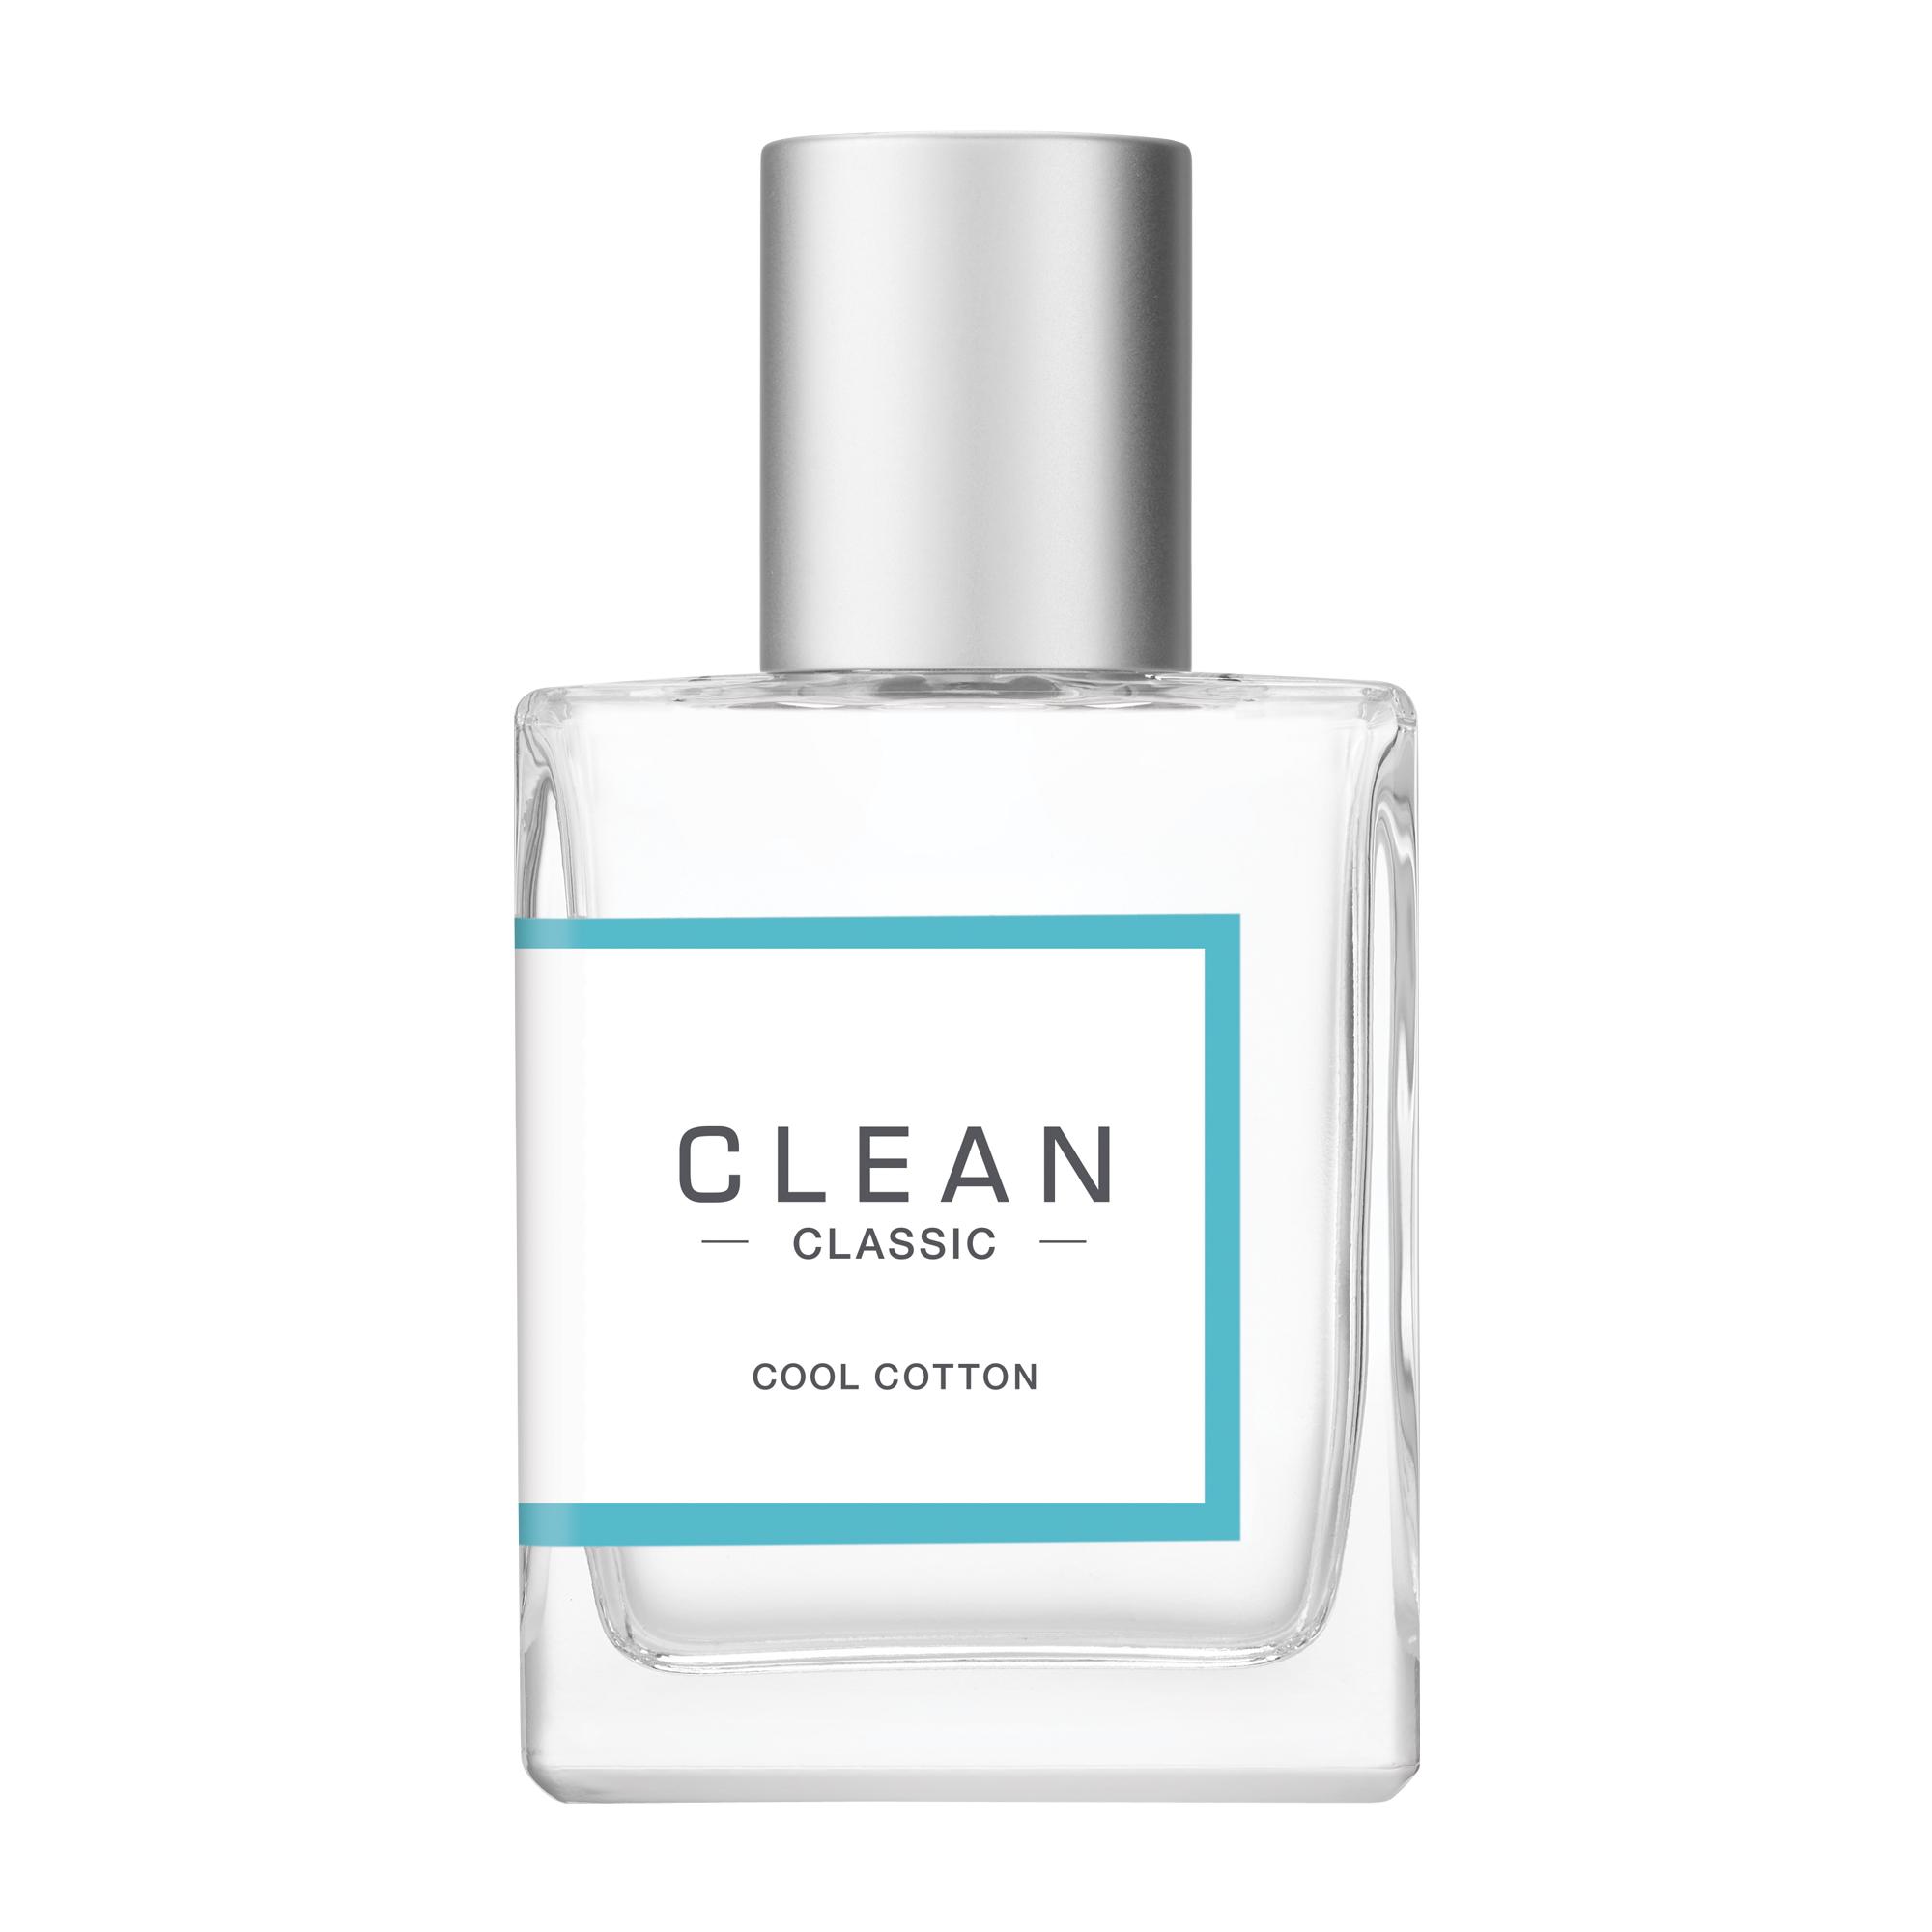 CLEAN Cool Cotton EDP, 30 ml